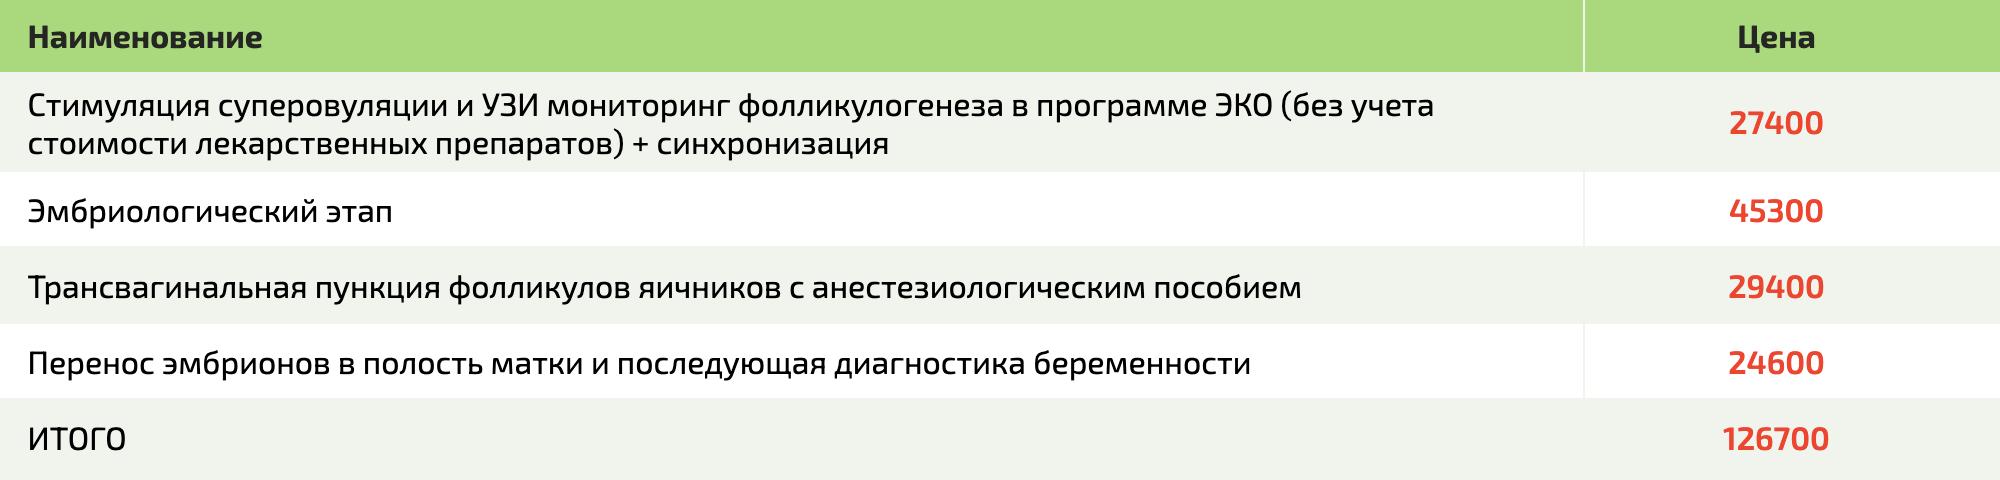 В некоторых клиниках ЭКО в Москве ЭКО можно оплачивать поэтапно